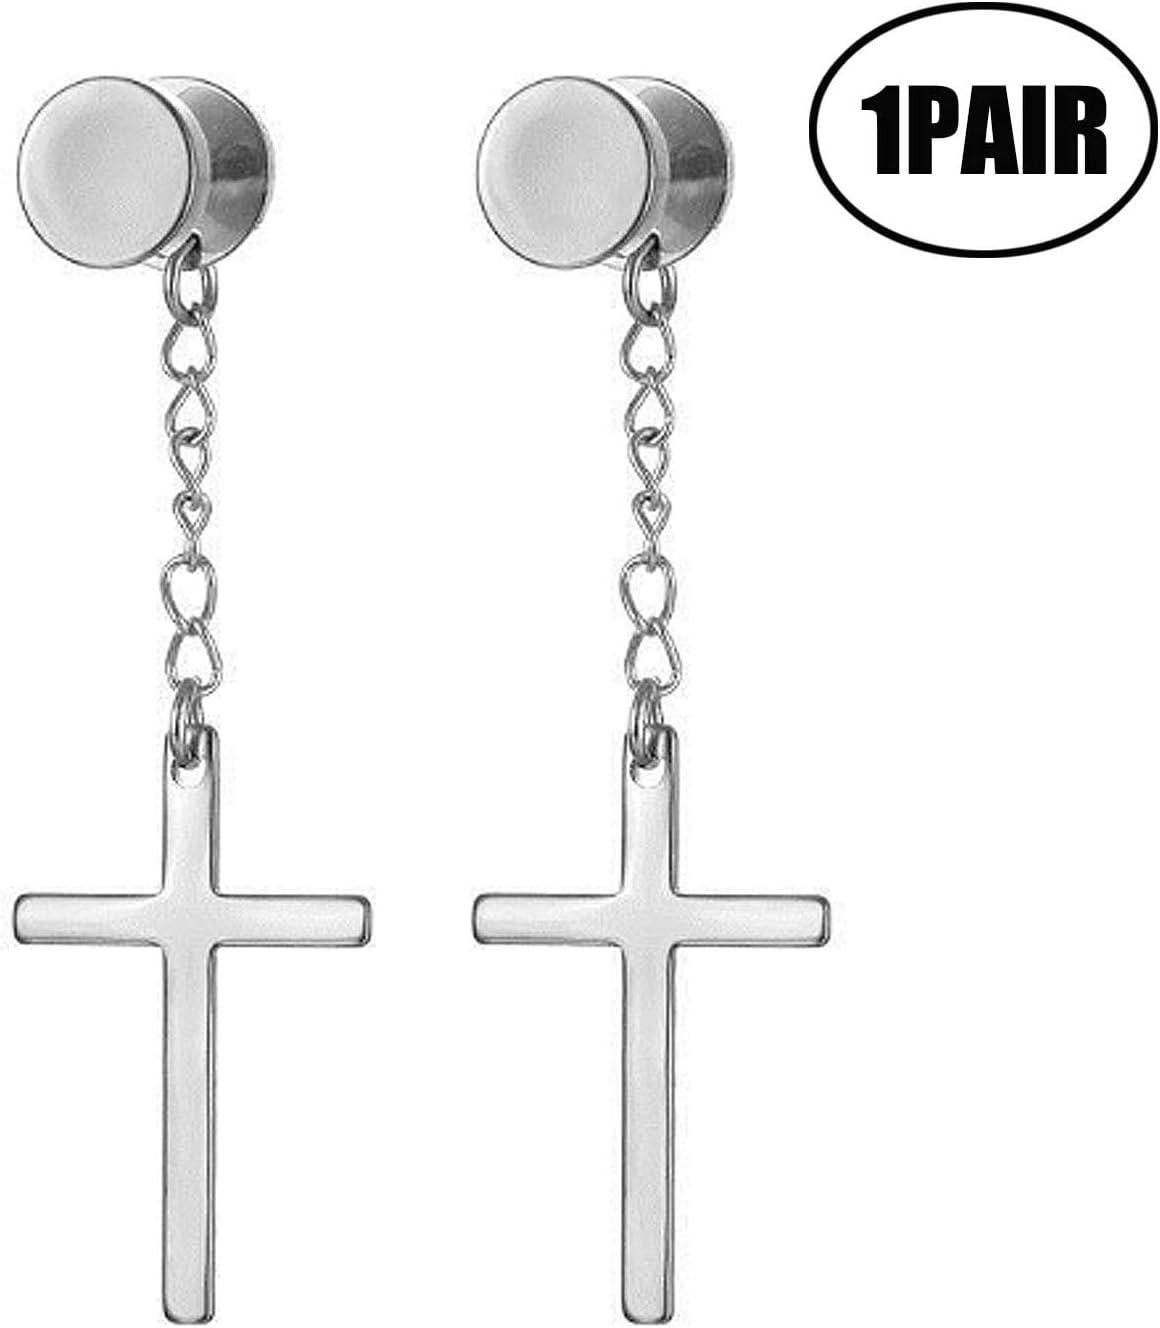 JZZJ 1 Paire Cercle Boucles doreilles avec Pendantes Croix Acier Inoxydable Revisser(-) pour Homme Femme Gar/çons